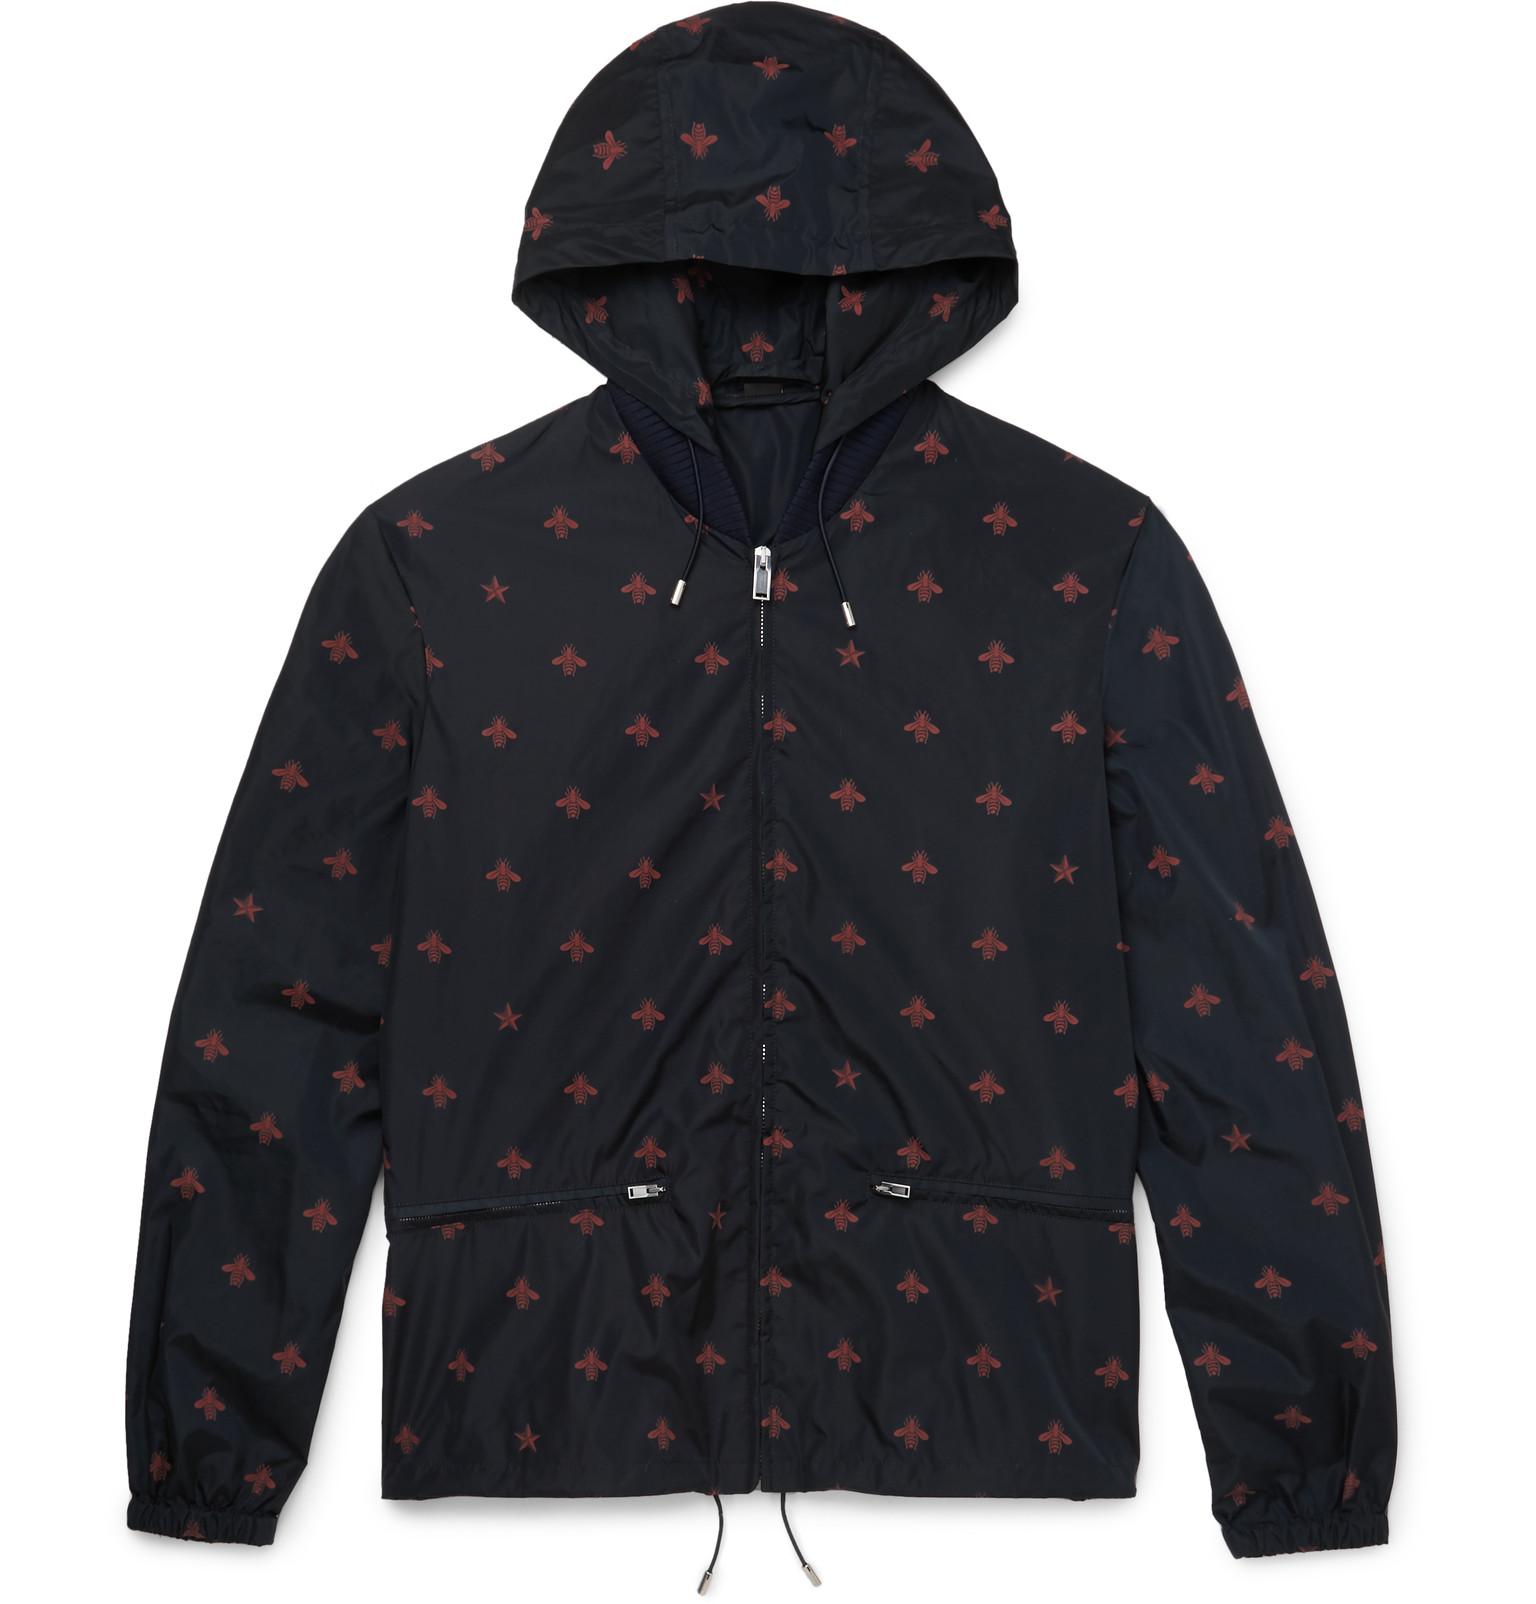 Men's Designer Lightweight and waterproof jackets - Shop Men's ...